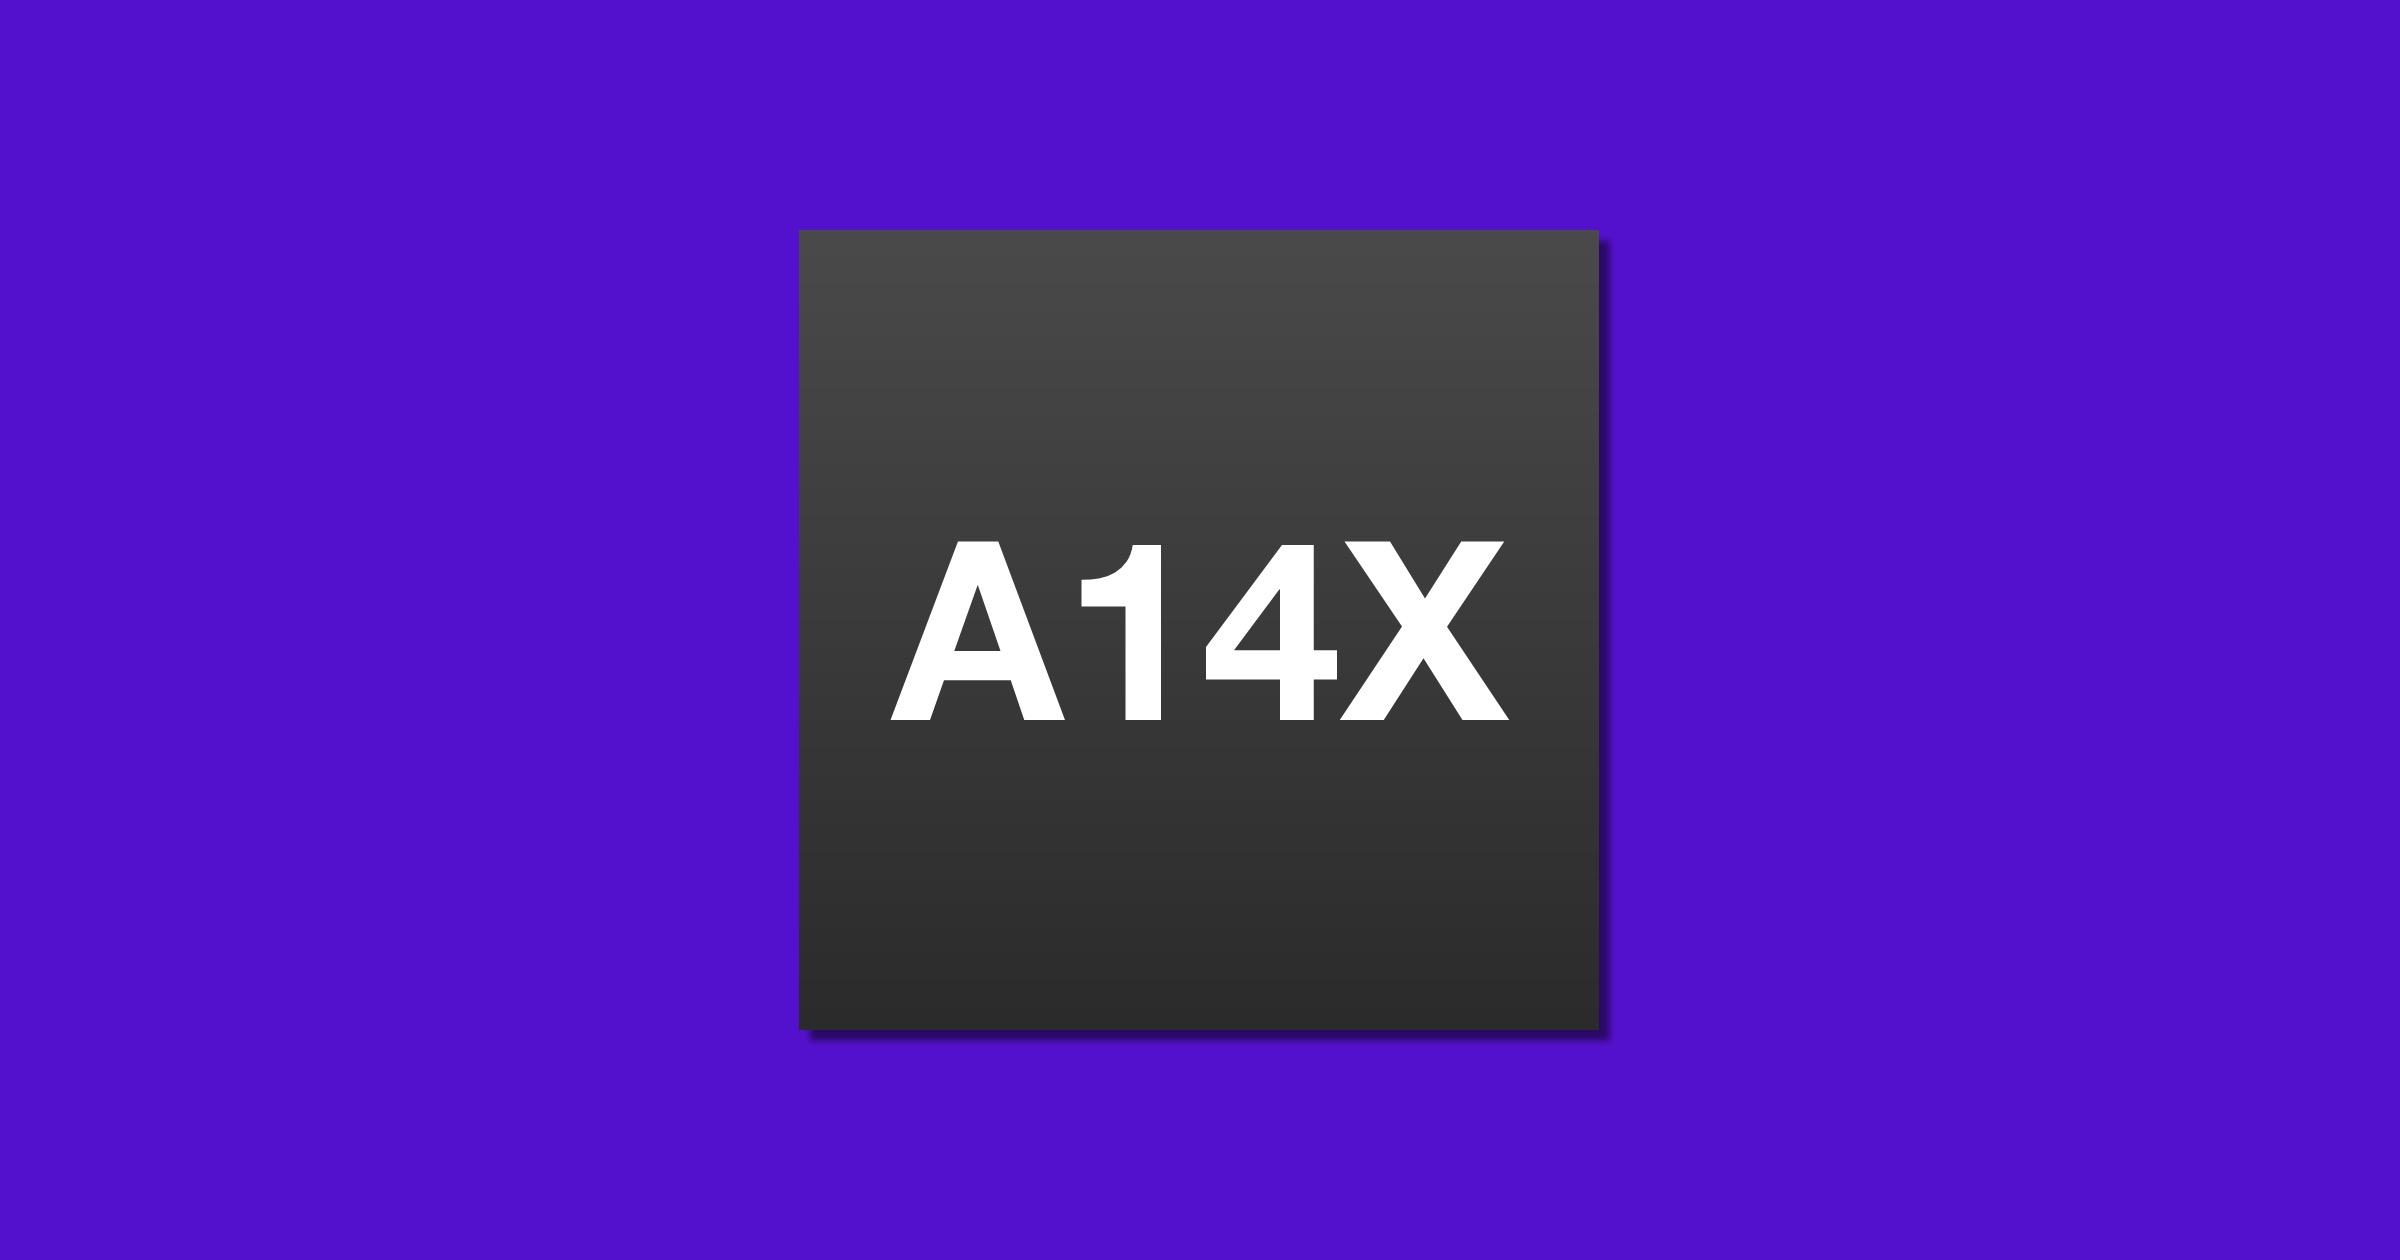 A14X chip